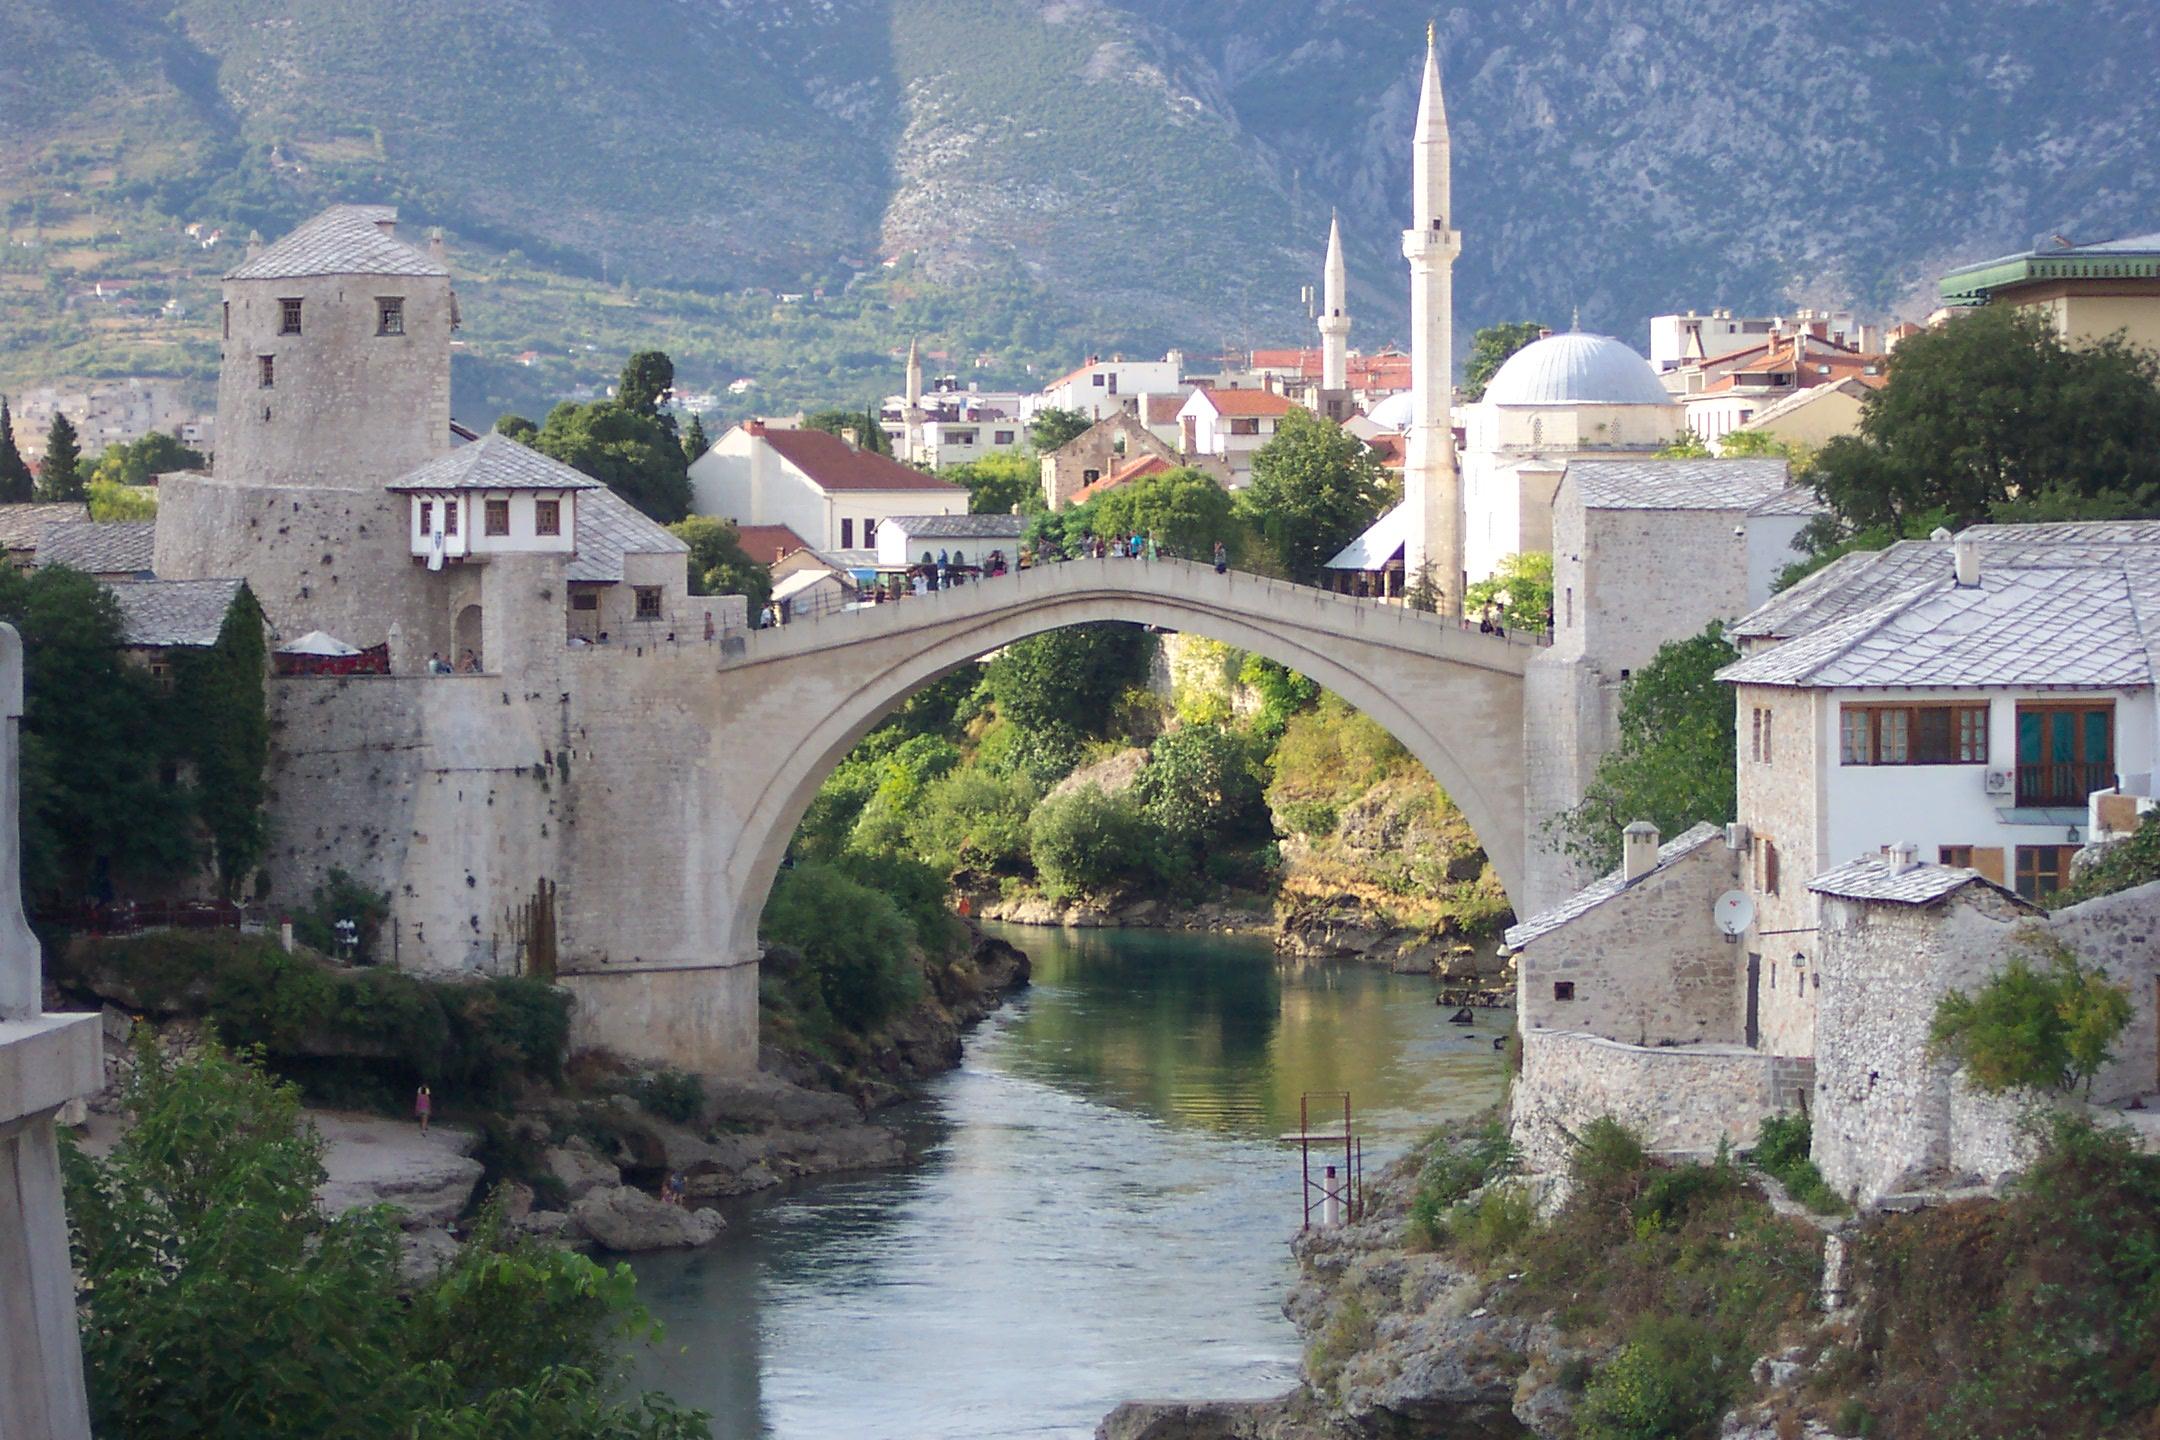 Mostar bosnie Neretva